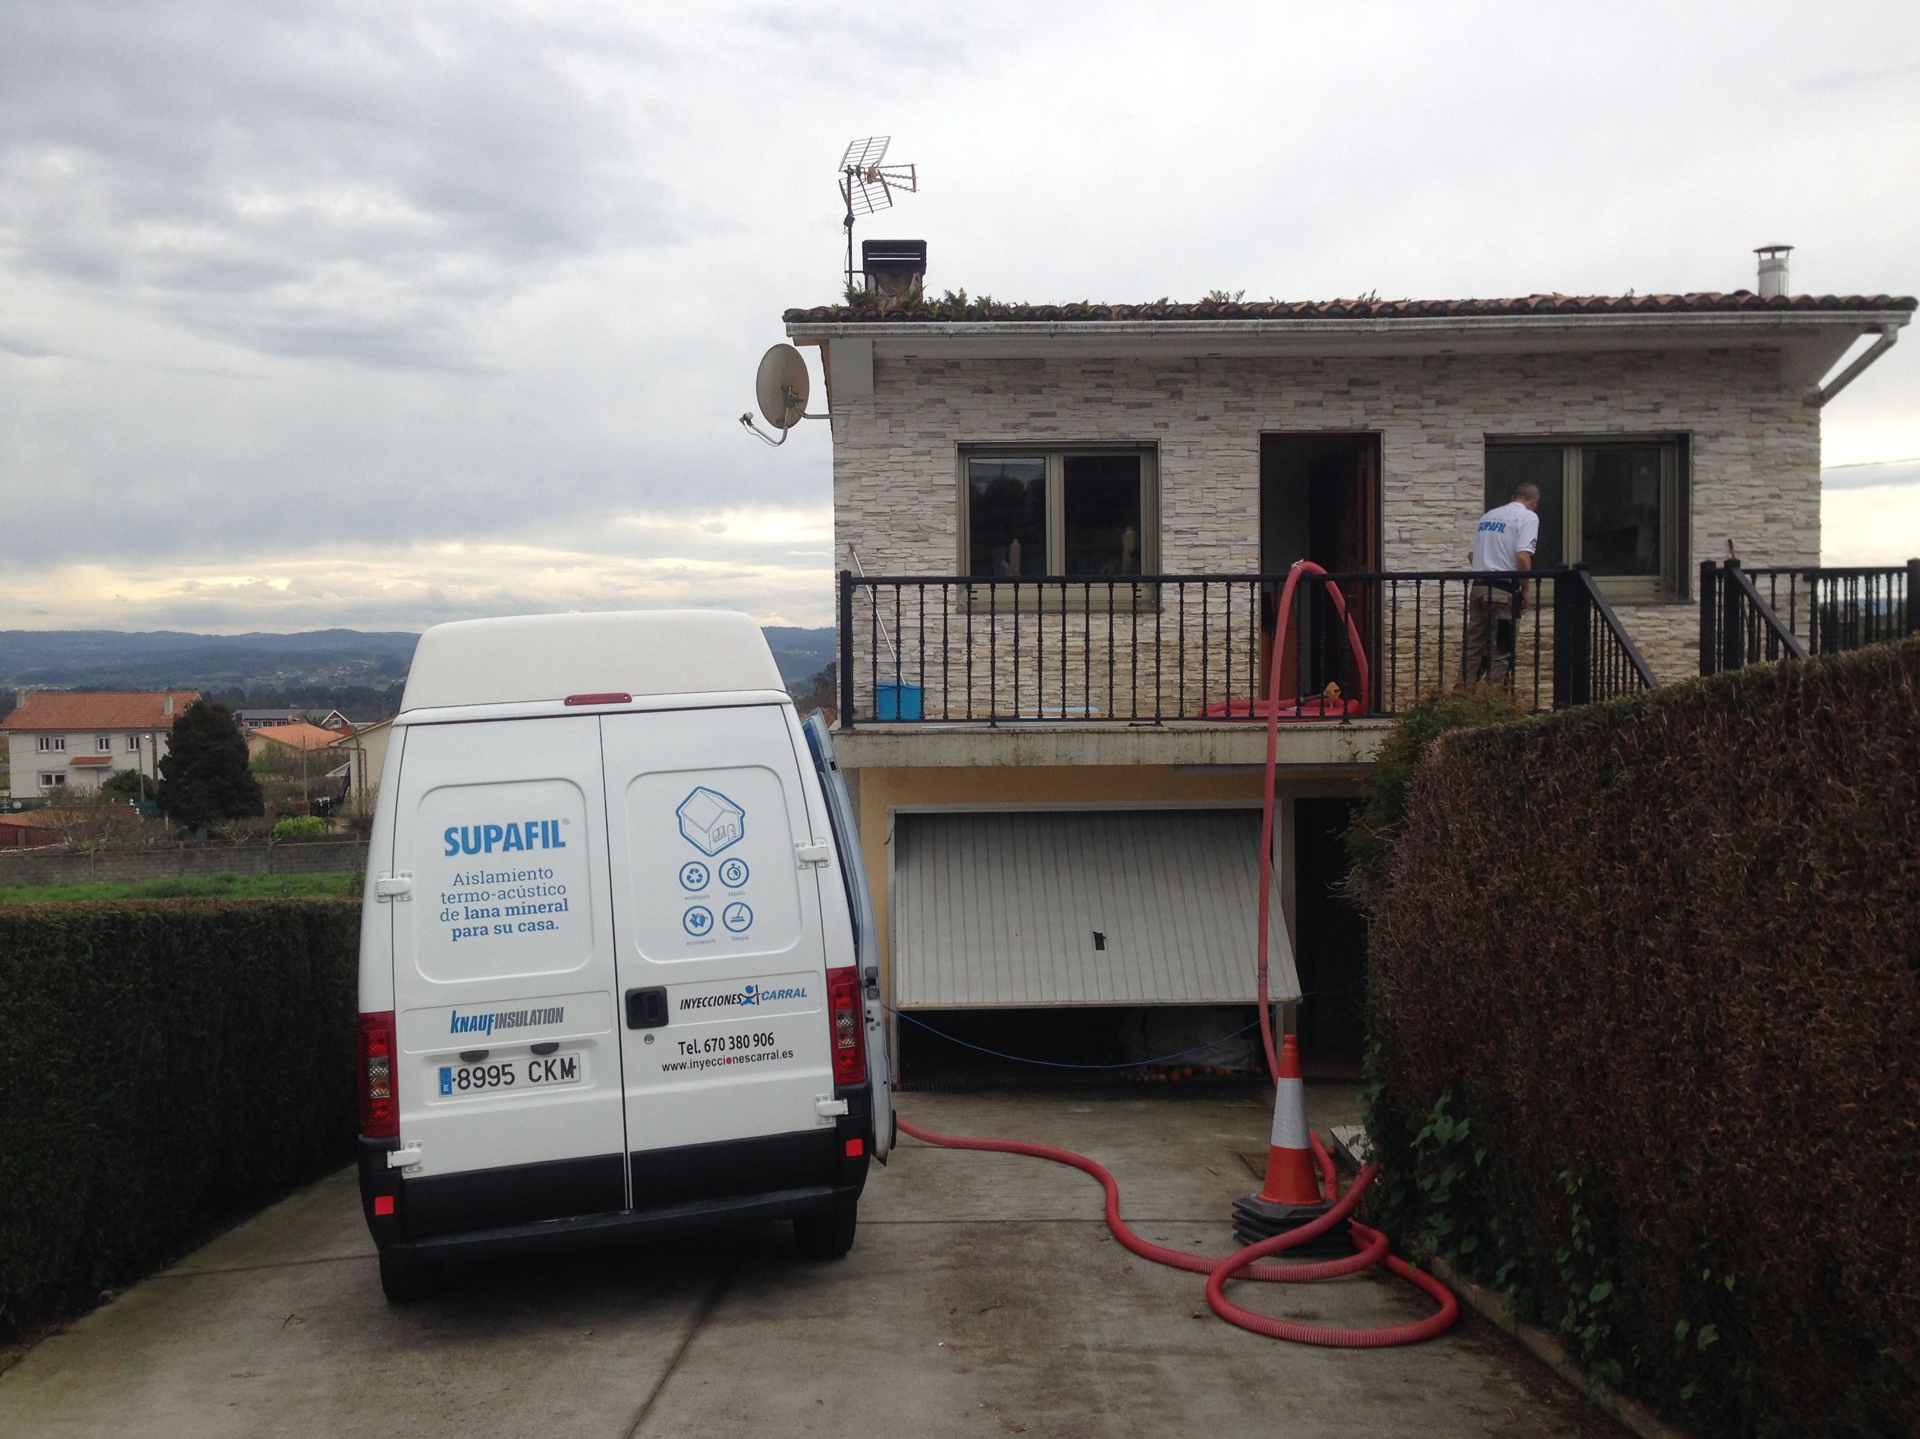 Aislamiento de vivienda unifamiliar por insuflado en cámara de aire